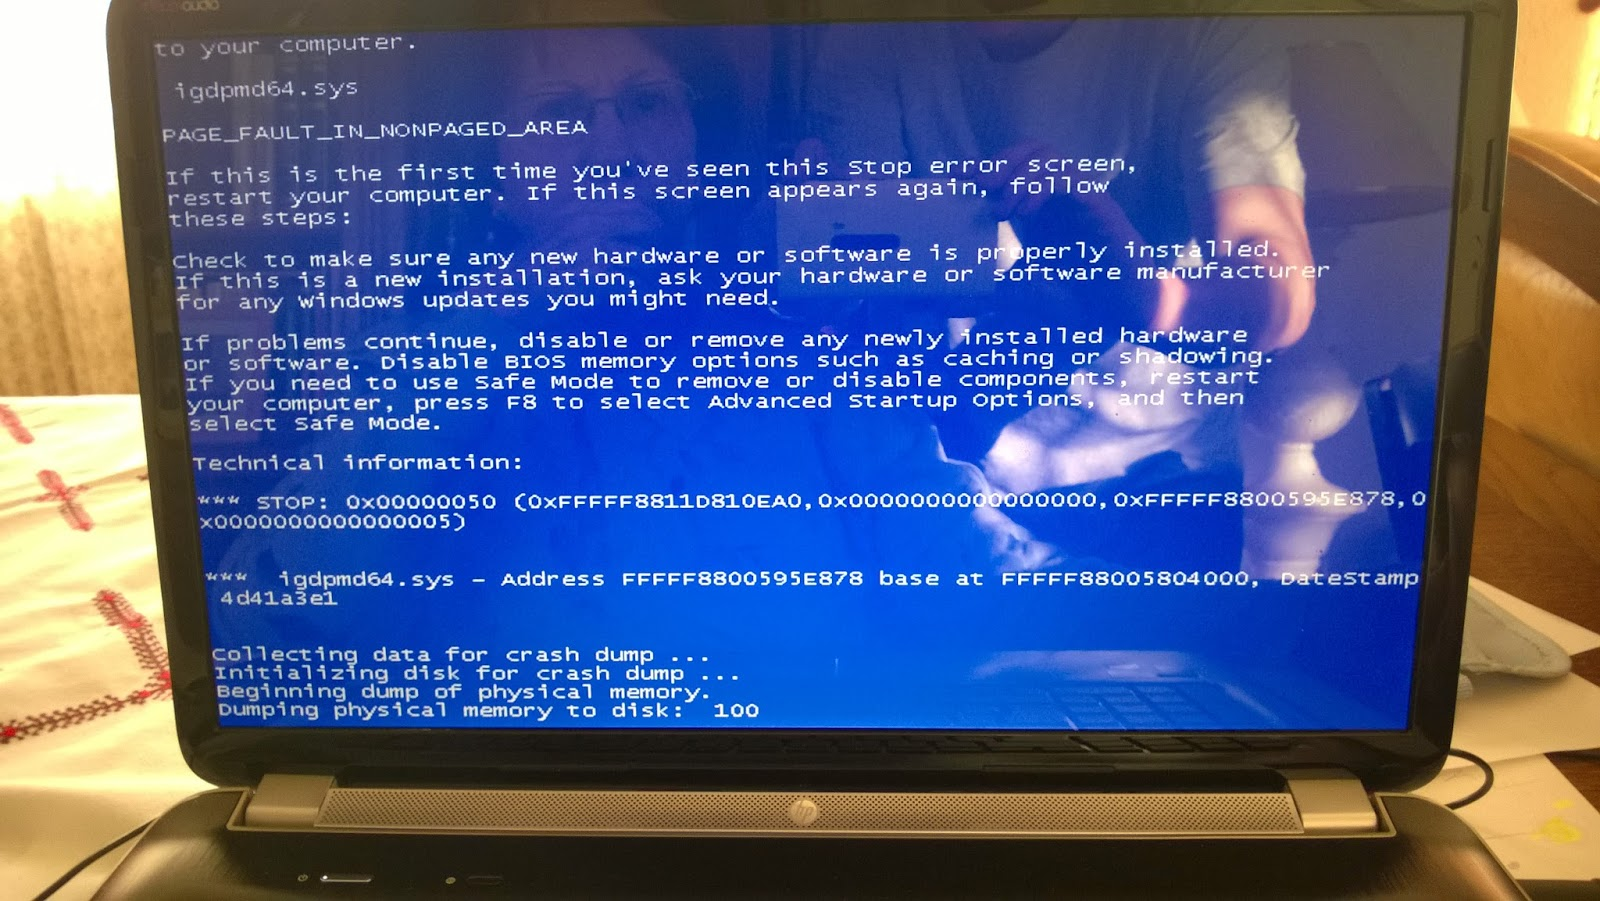 حل مشكلة الشاشة الزرقاء بكل سهولة الحل الشامل و الاكيد